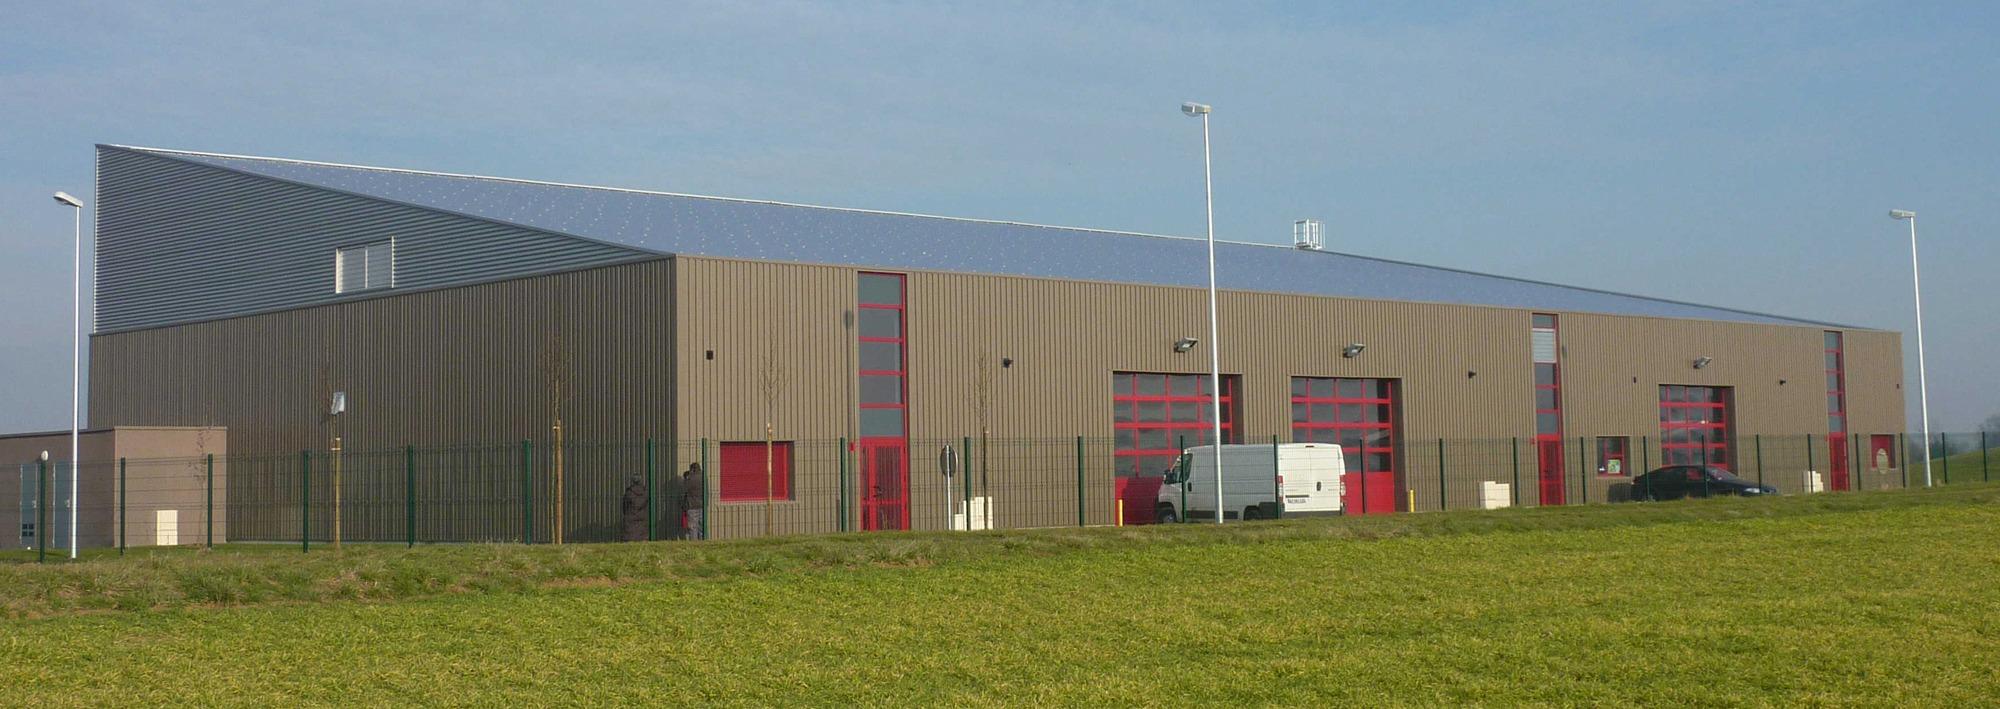 SMVS-Levernois-Construction-pepiniere-d-Entreprises